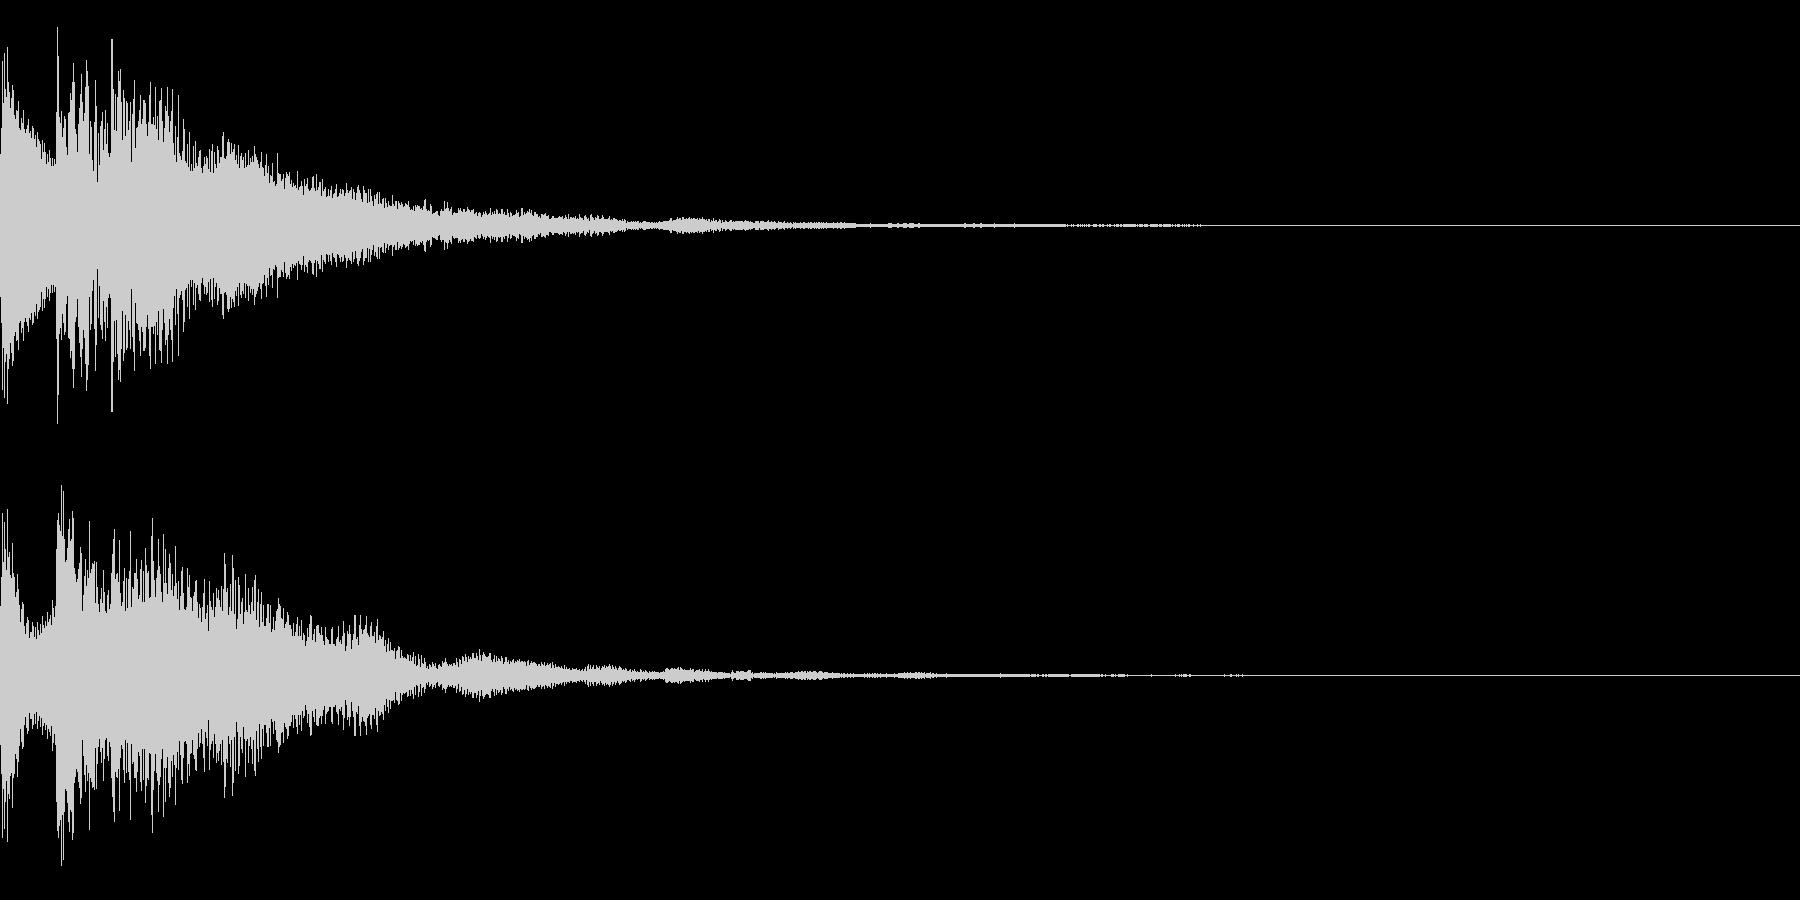 キュイン(ゲーム・アプリ等の決定音)の未再生の波形